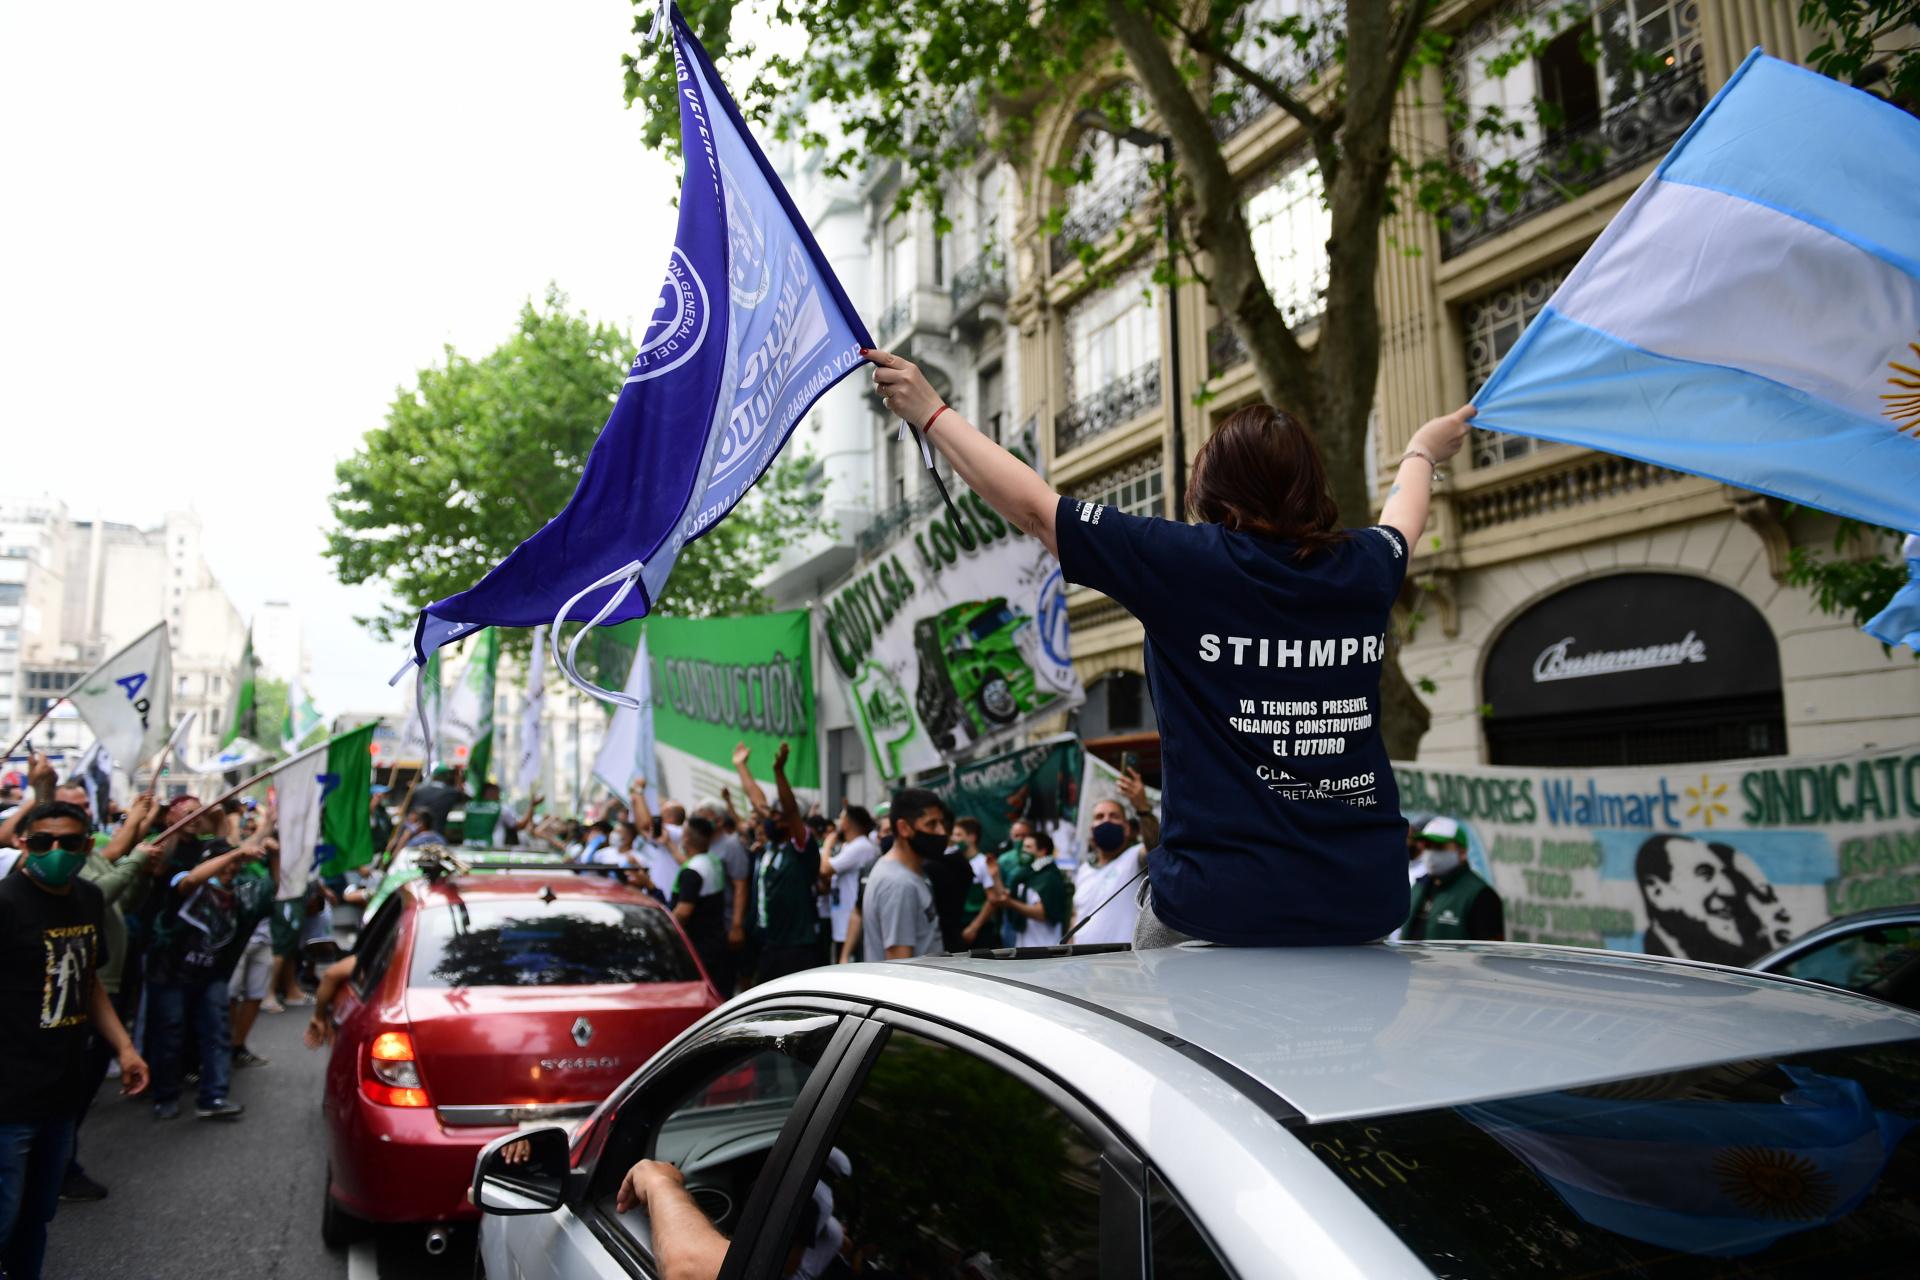 La caravana partió de 9 de Julio y Belgrano en dirección al Obelisco